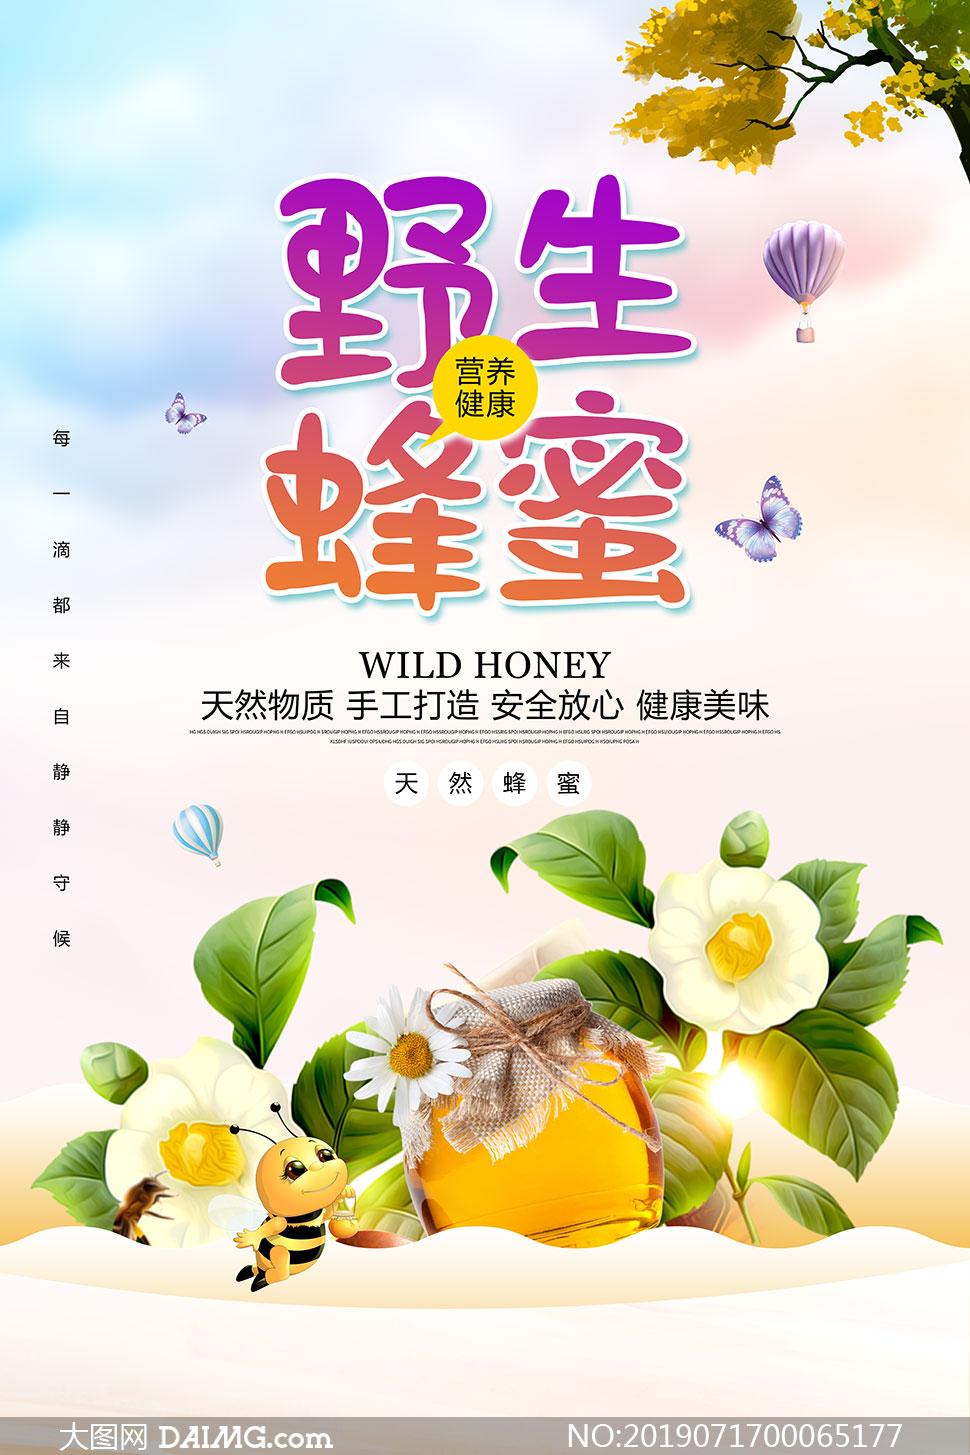 野生蜂蜜宣传单设计PSD源文件